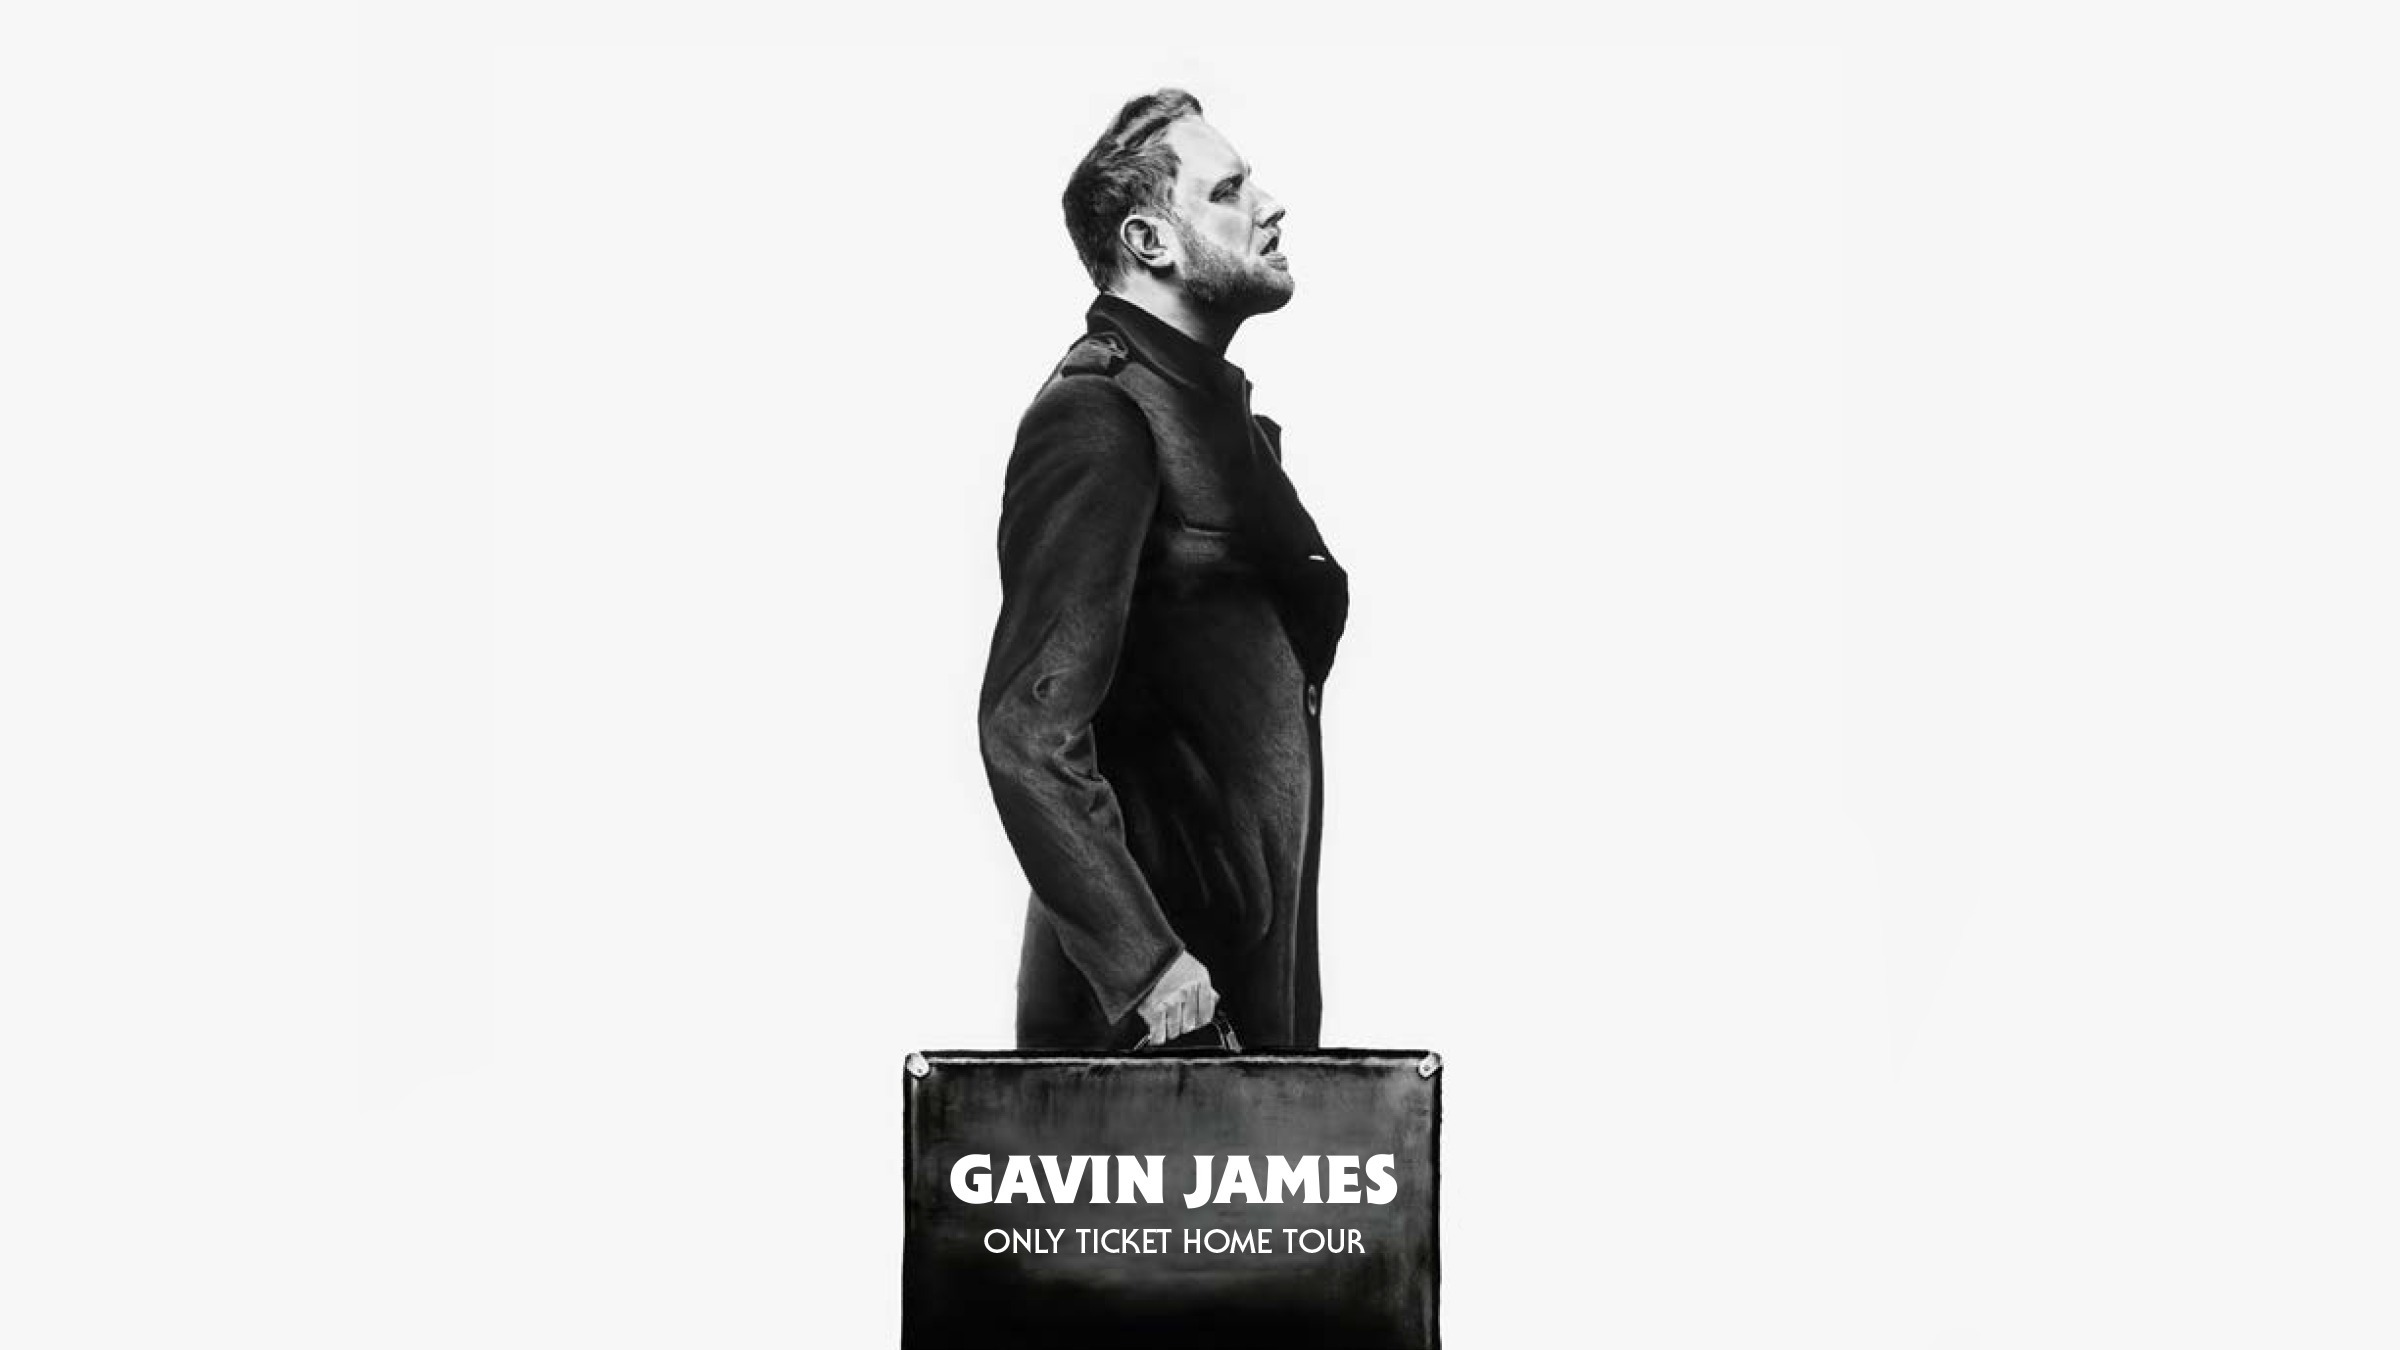 Gavinteaser